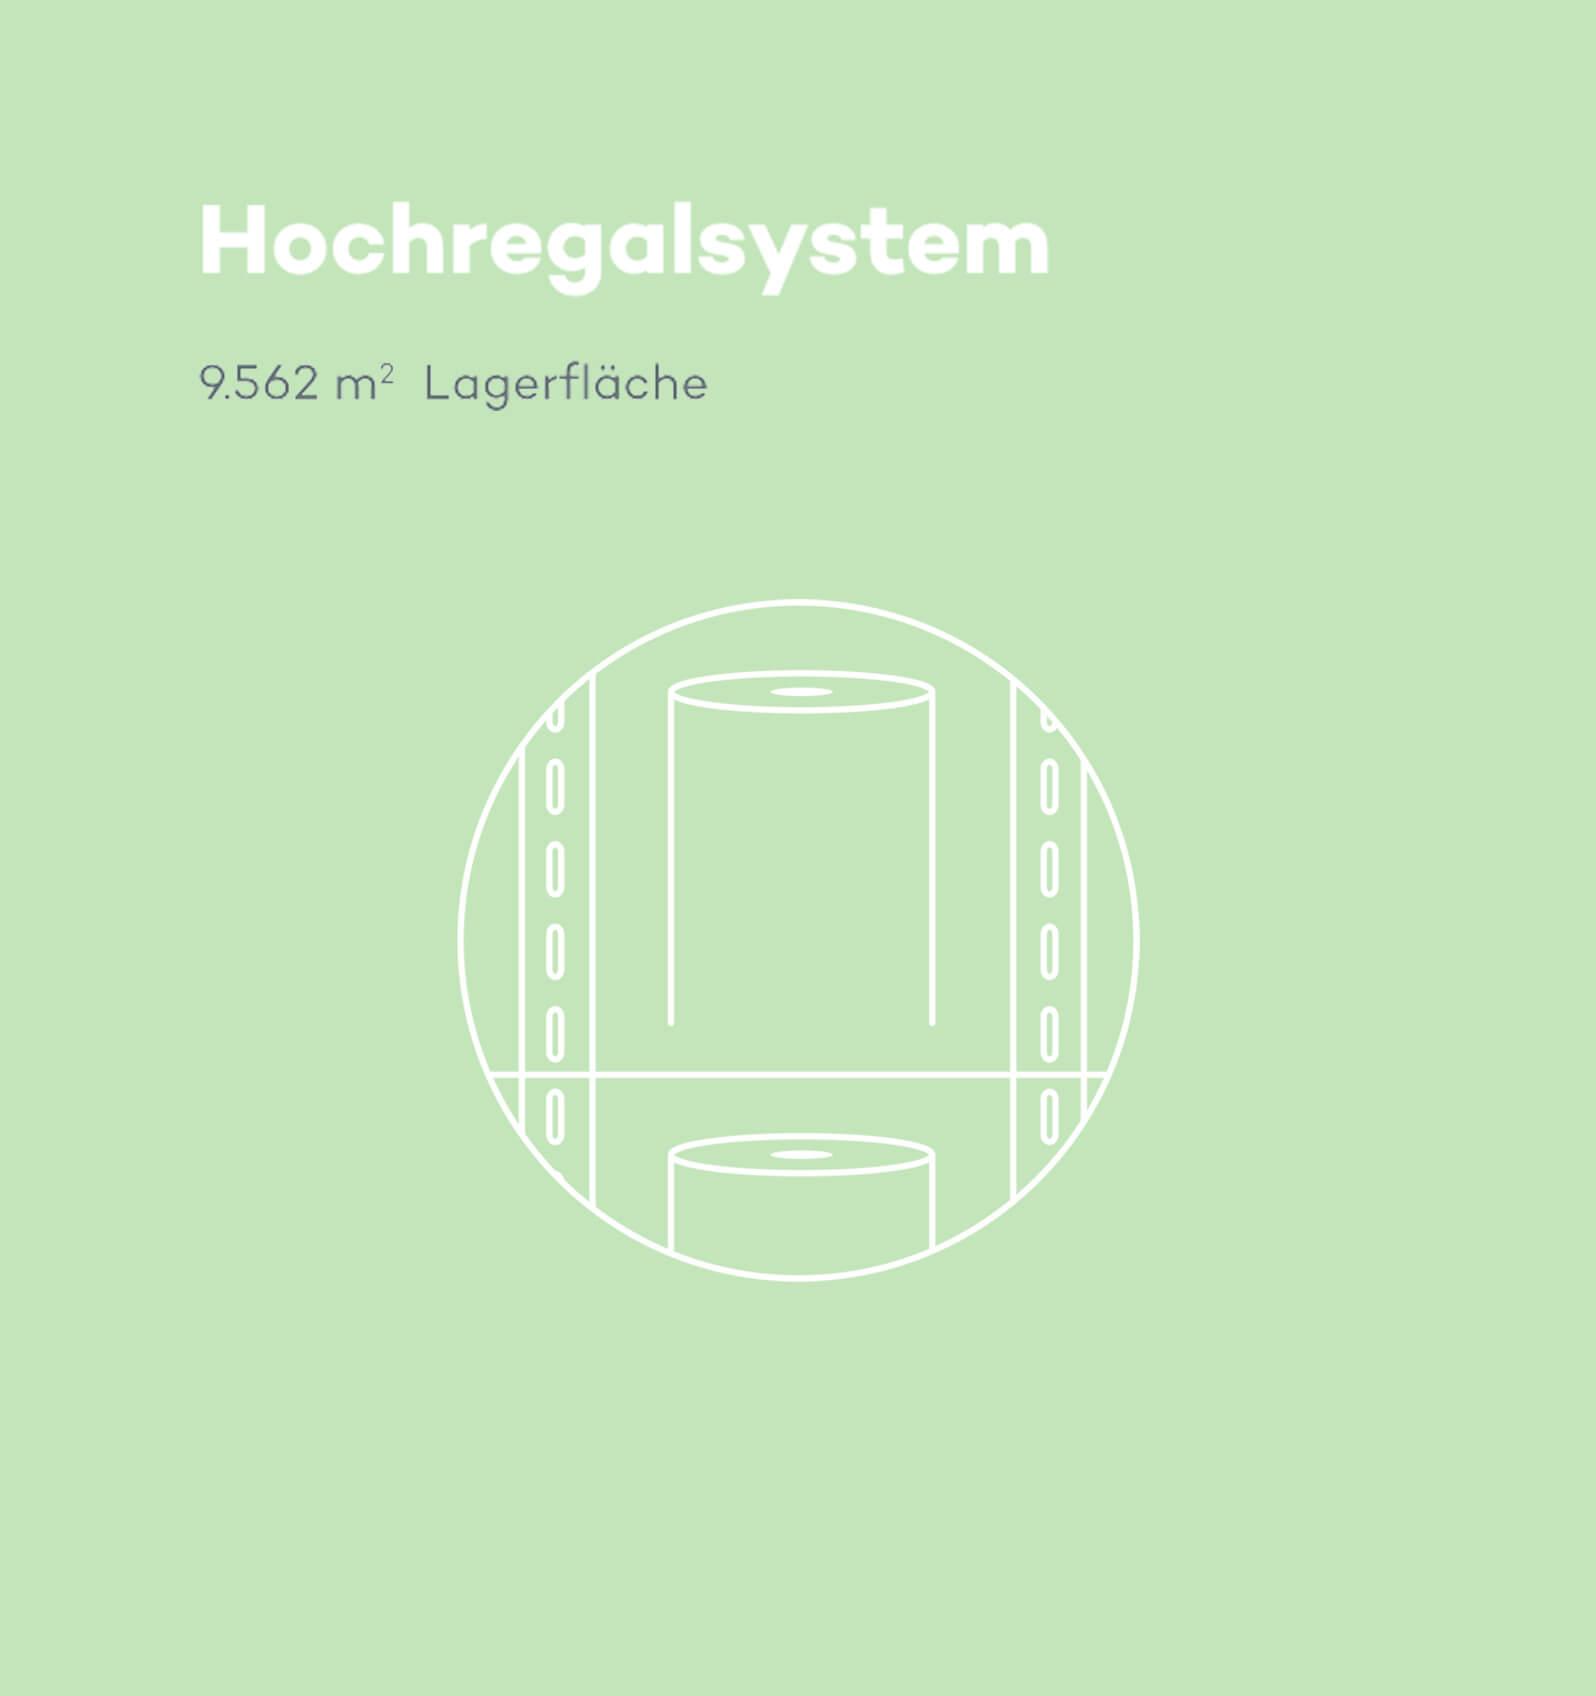 hochregalsysteme-startbild